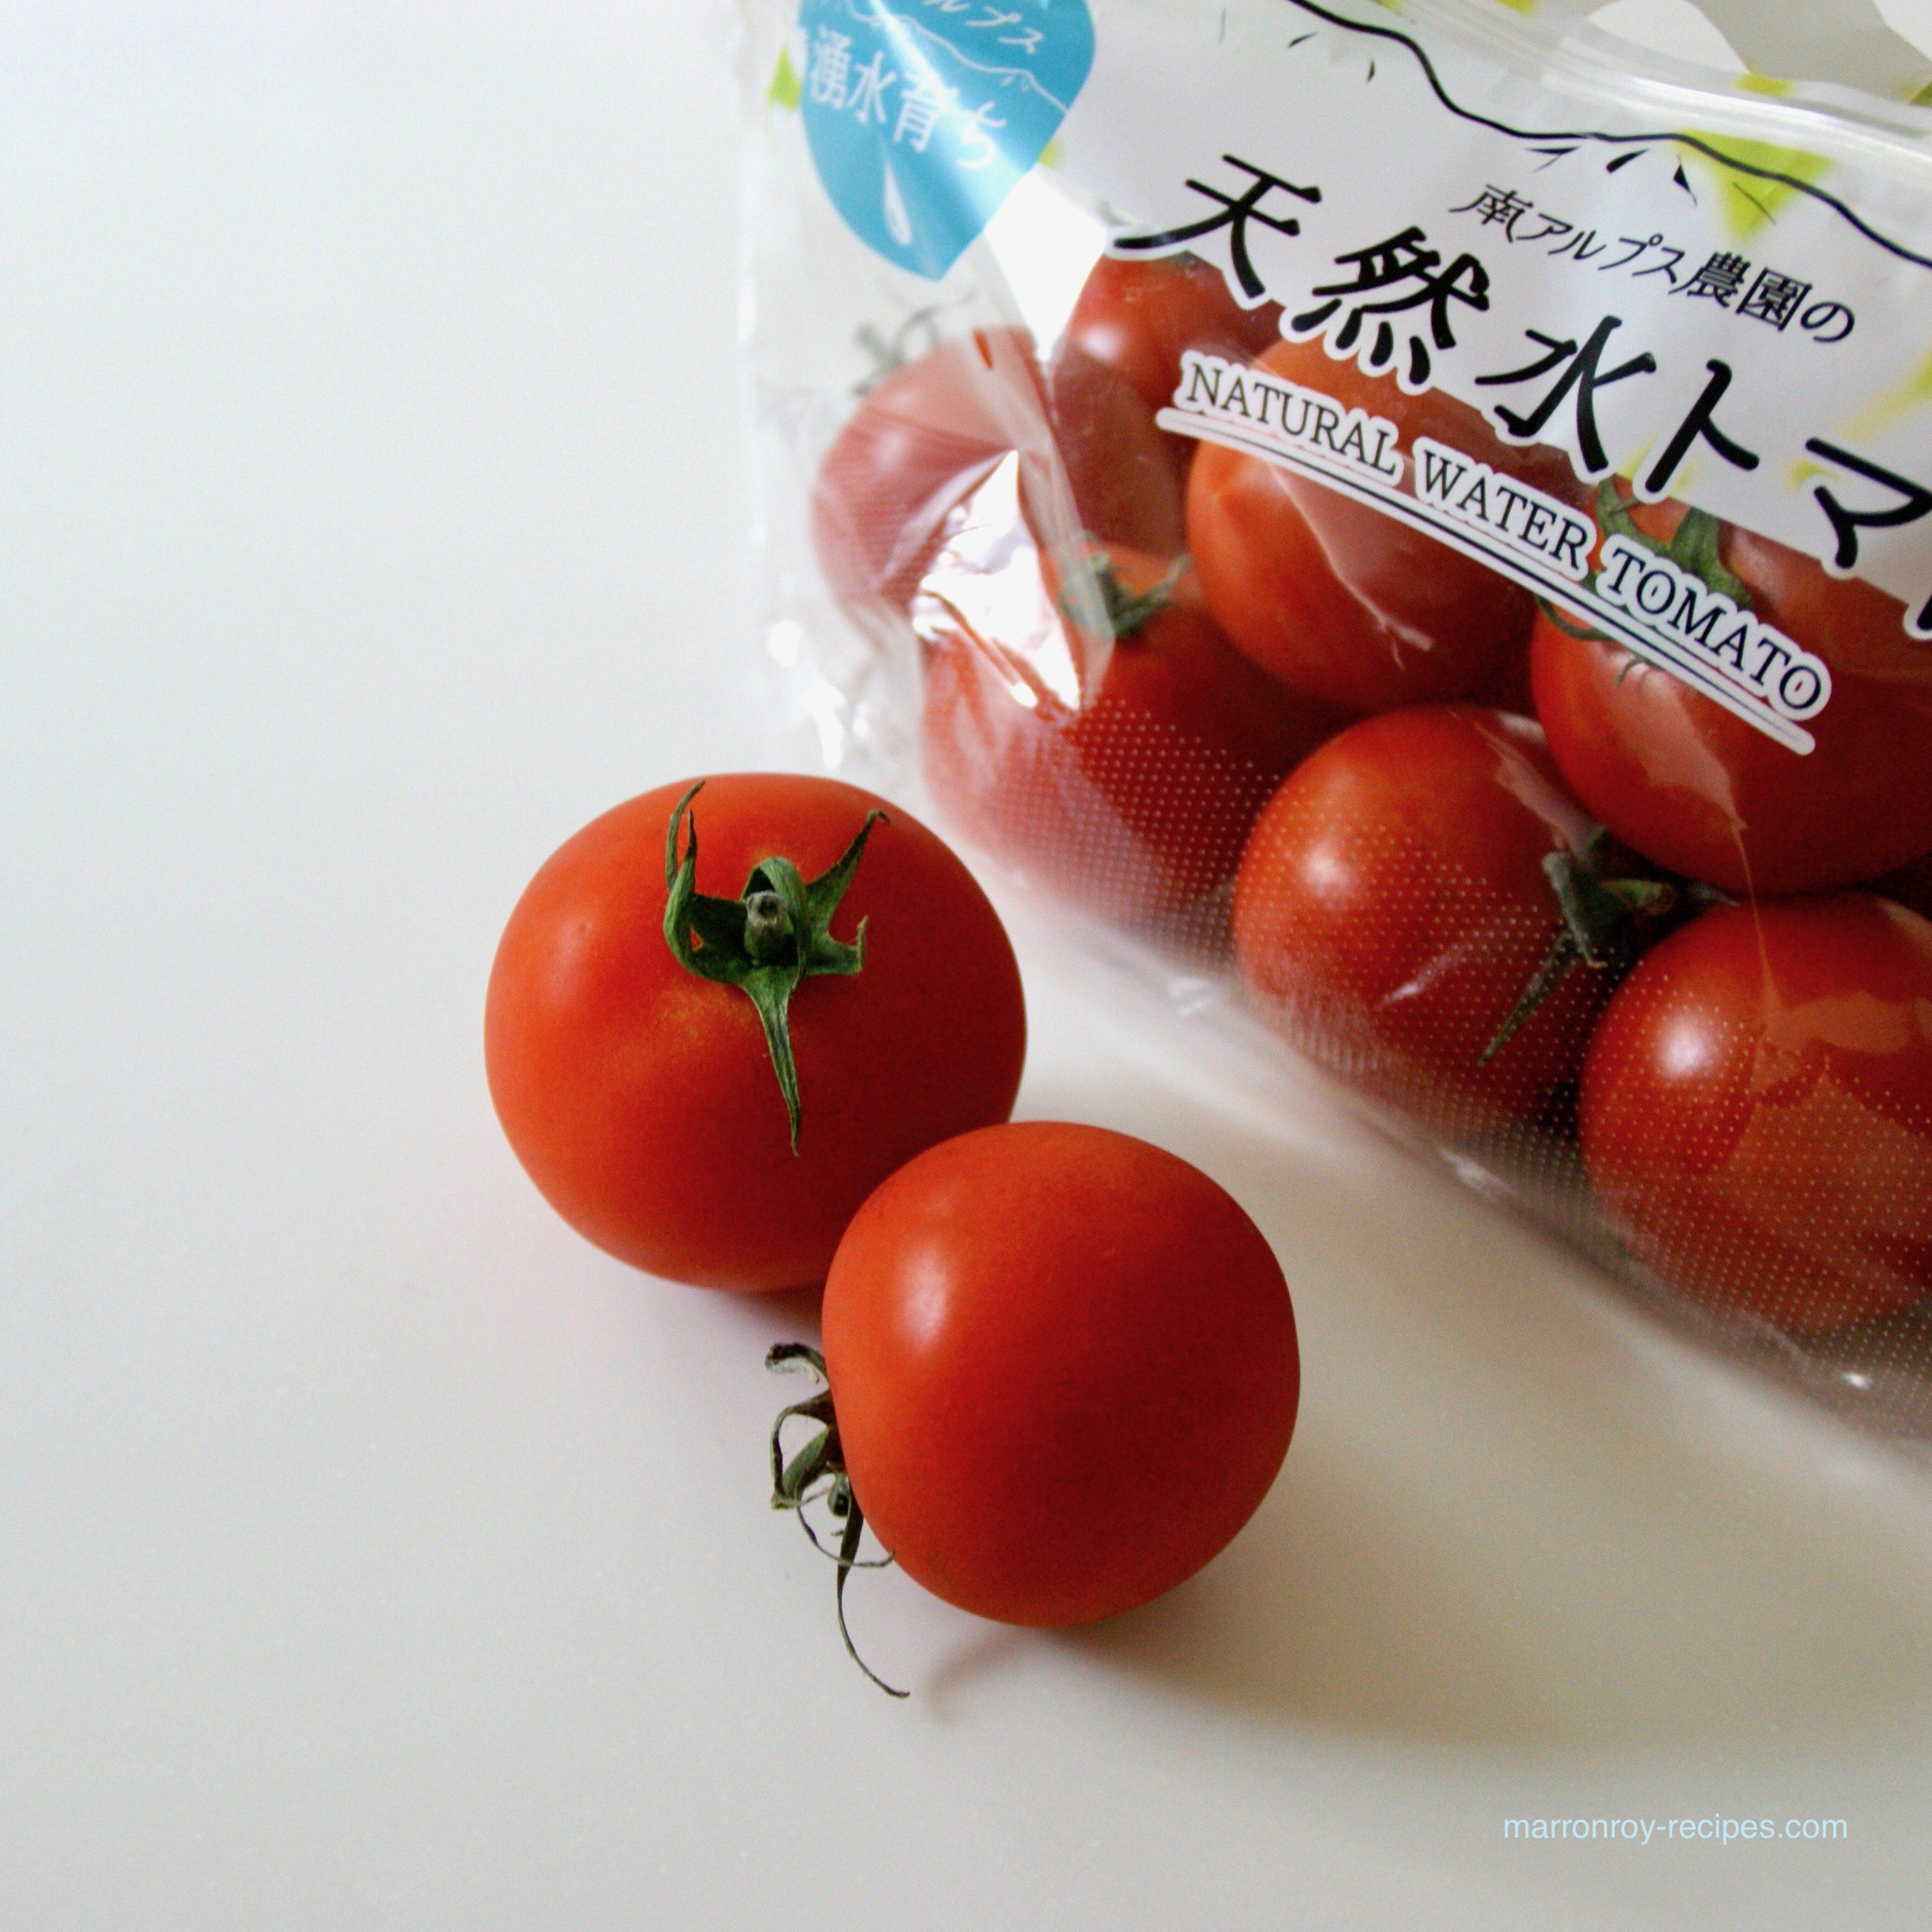 """コストコの野菜""""天然水トマト""""で作るトマトのチーズ焼き"""